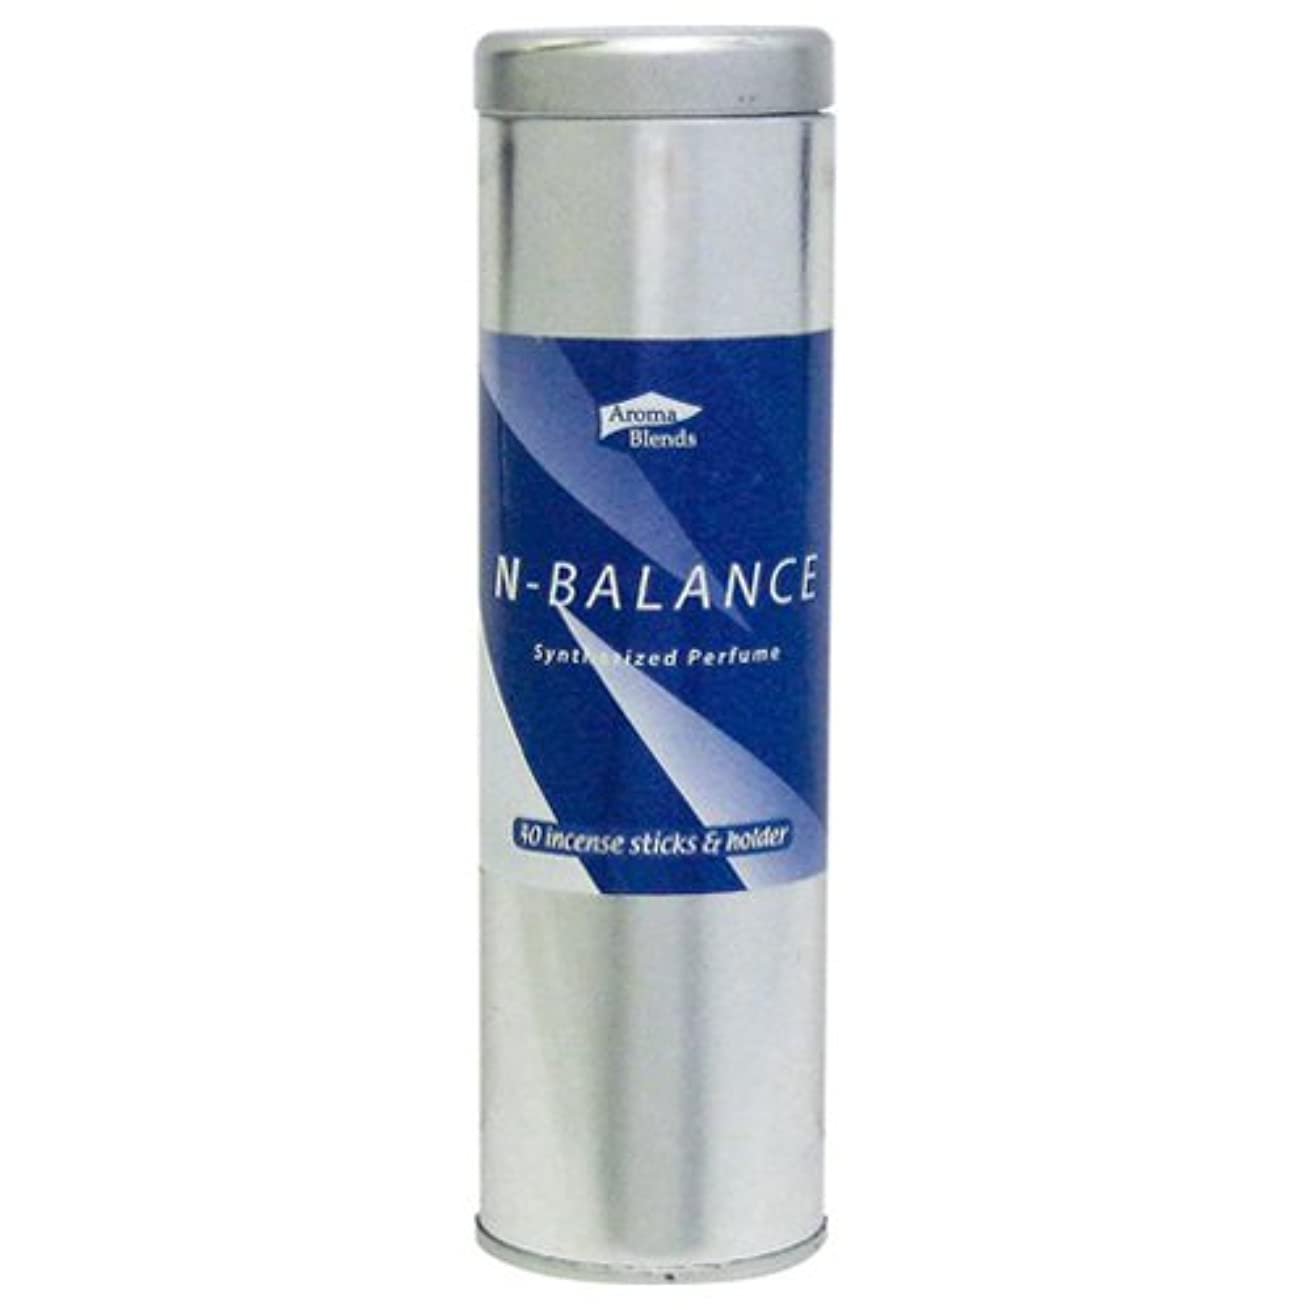 クリスチャンタービン積極的にAB-CIS-4 シンセサイズドパフューム アロマブレンド 缶インセンススティックセット 6個セット Nバランス